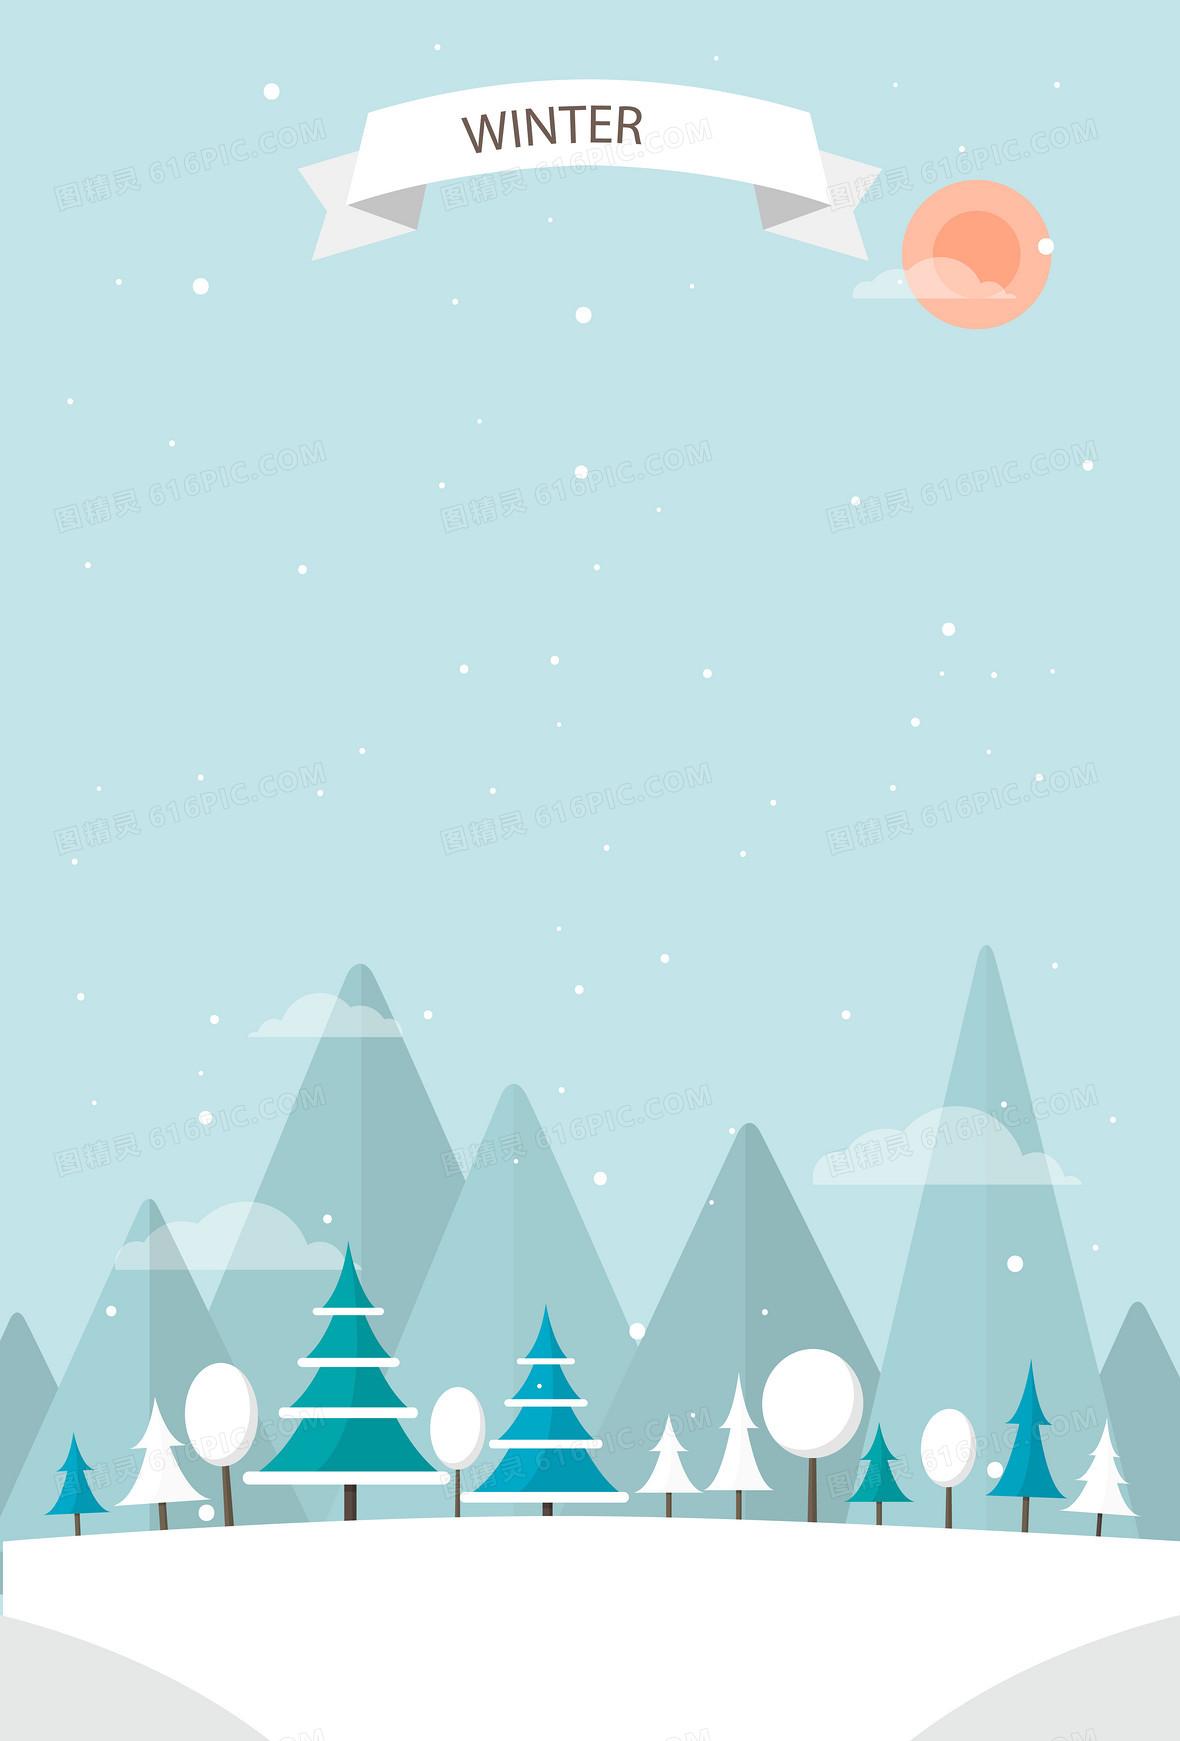 清新下雪冬日卡通海报背景素材